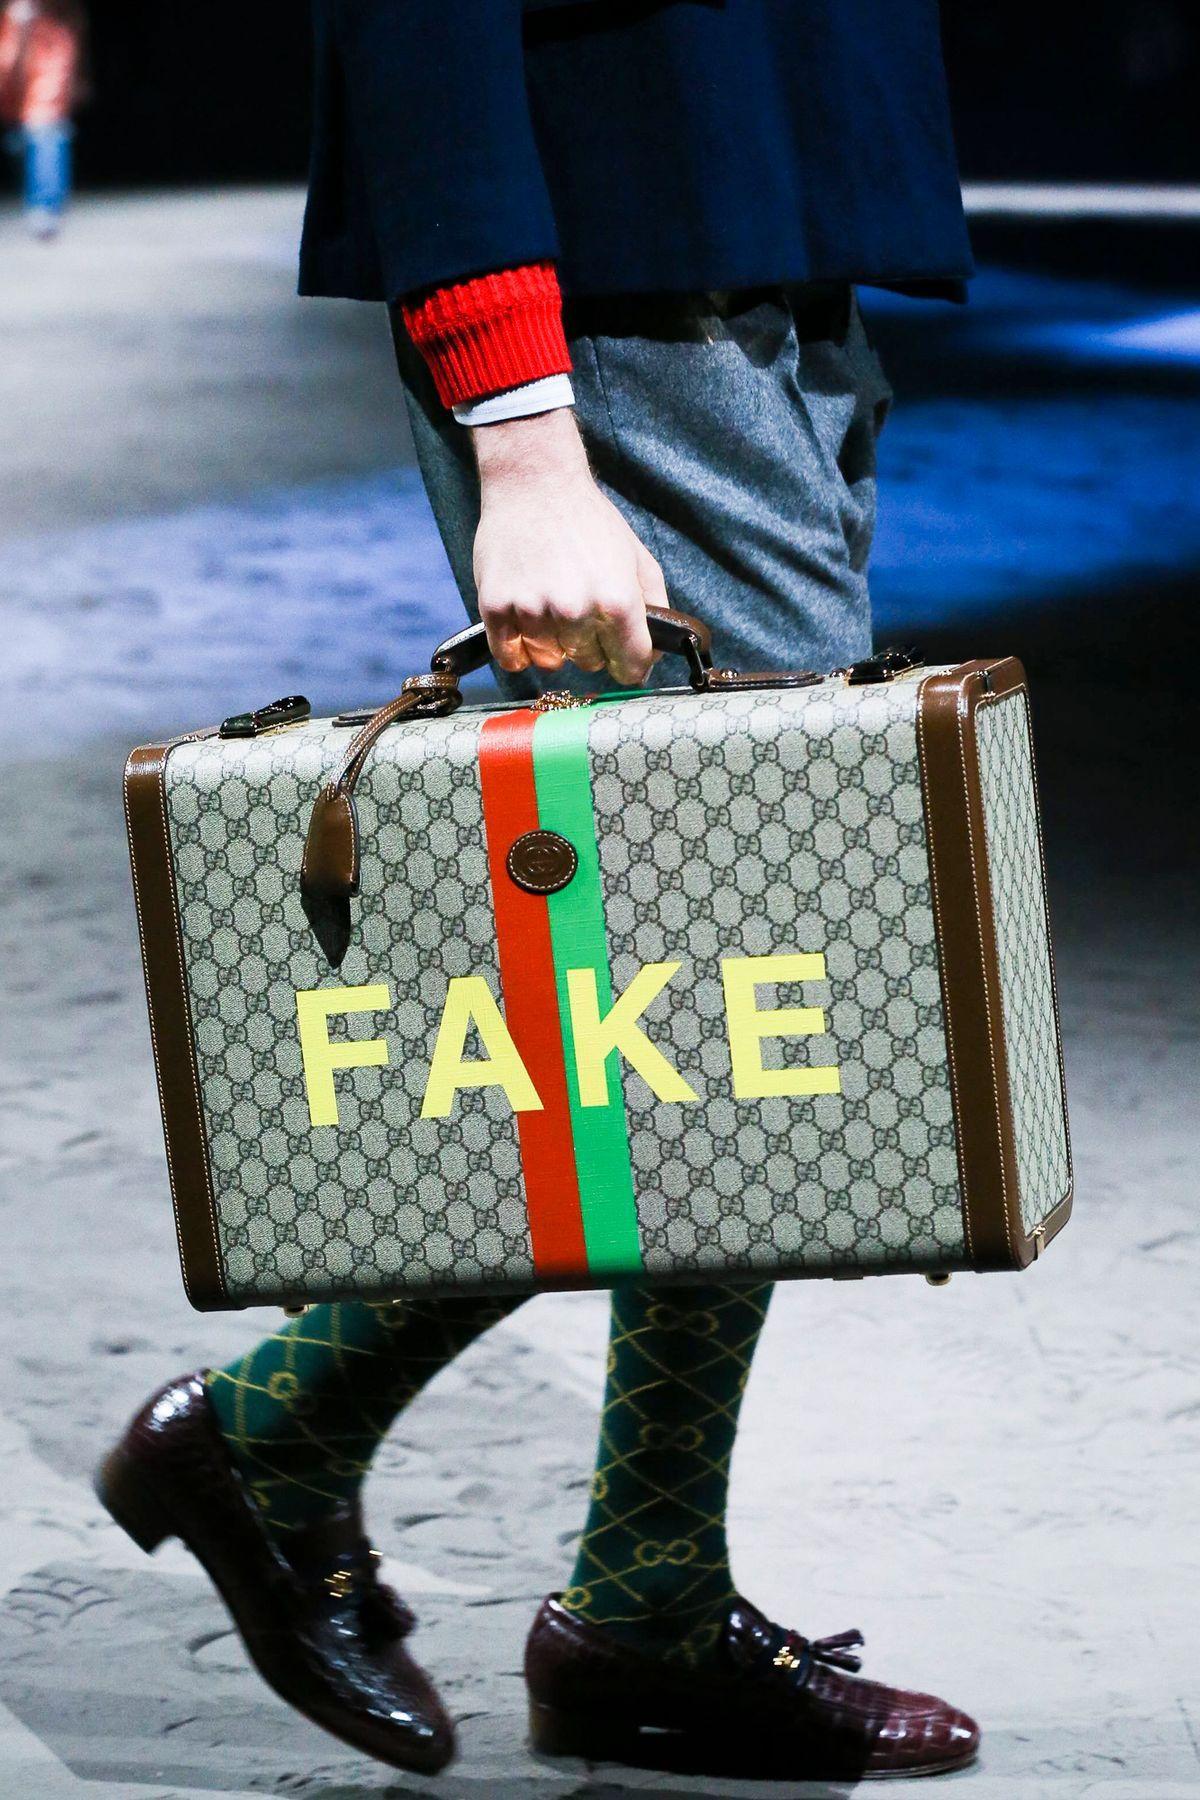 Gucci fake/not bag